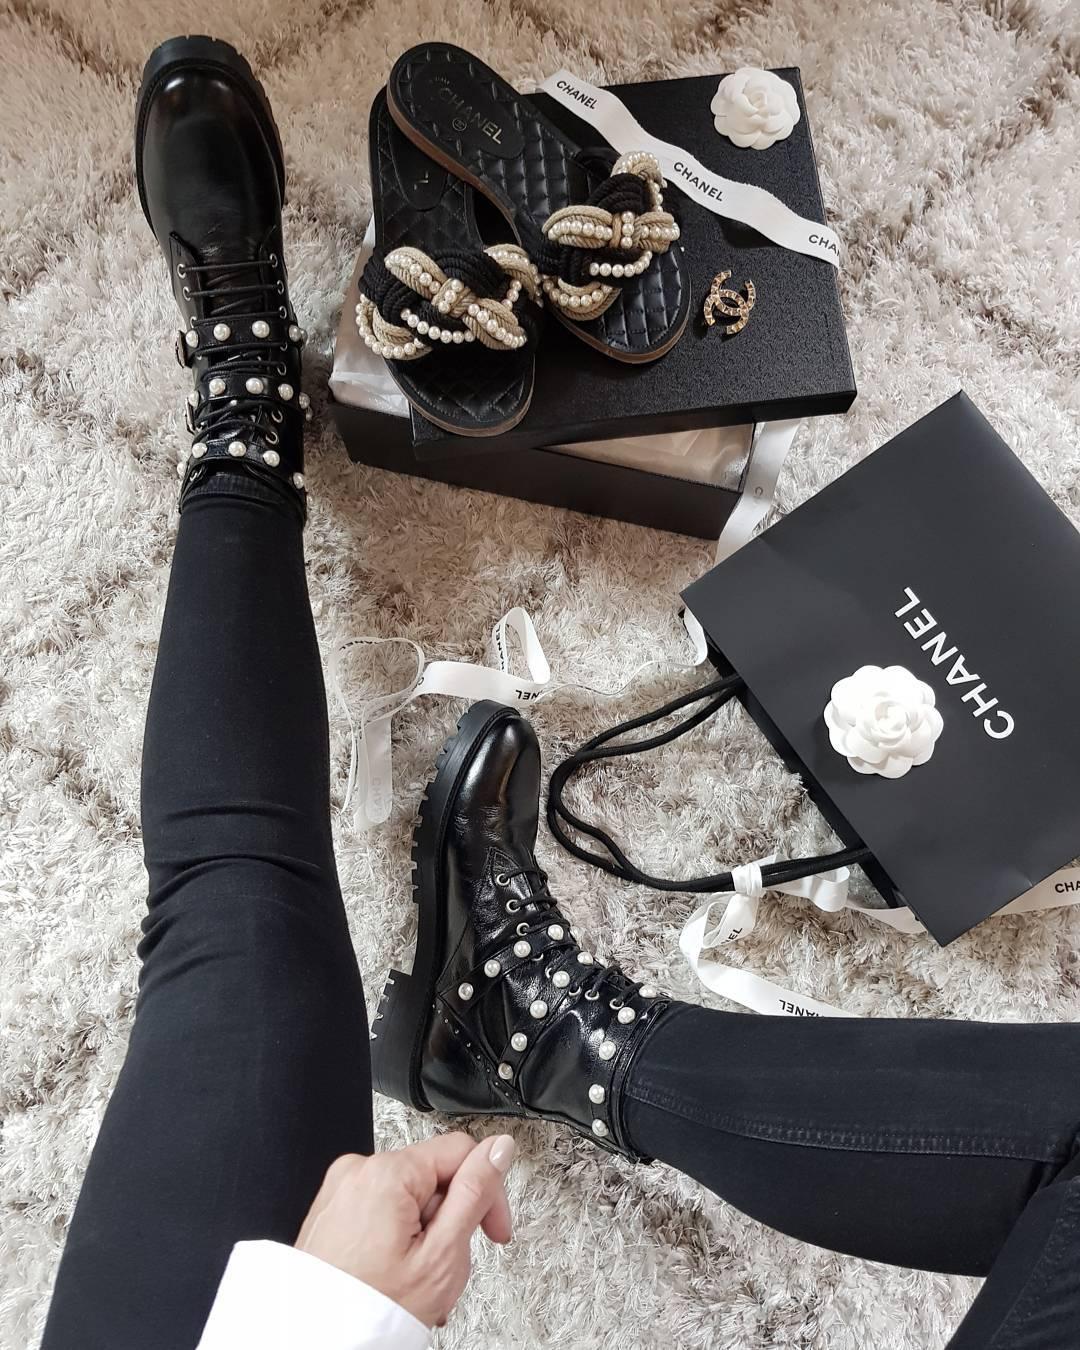 Đôi boots vừa bụi vừa sang chảnh công chúa này đang là món đồ hot nhất của Zara, tưởng chừng cả Instagram đều đang diện nó - Ảnh 1.